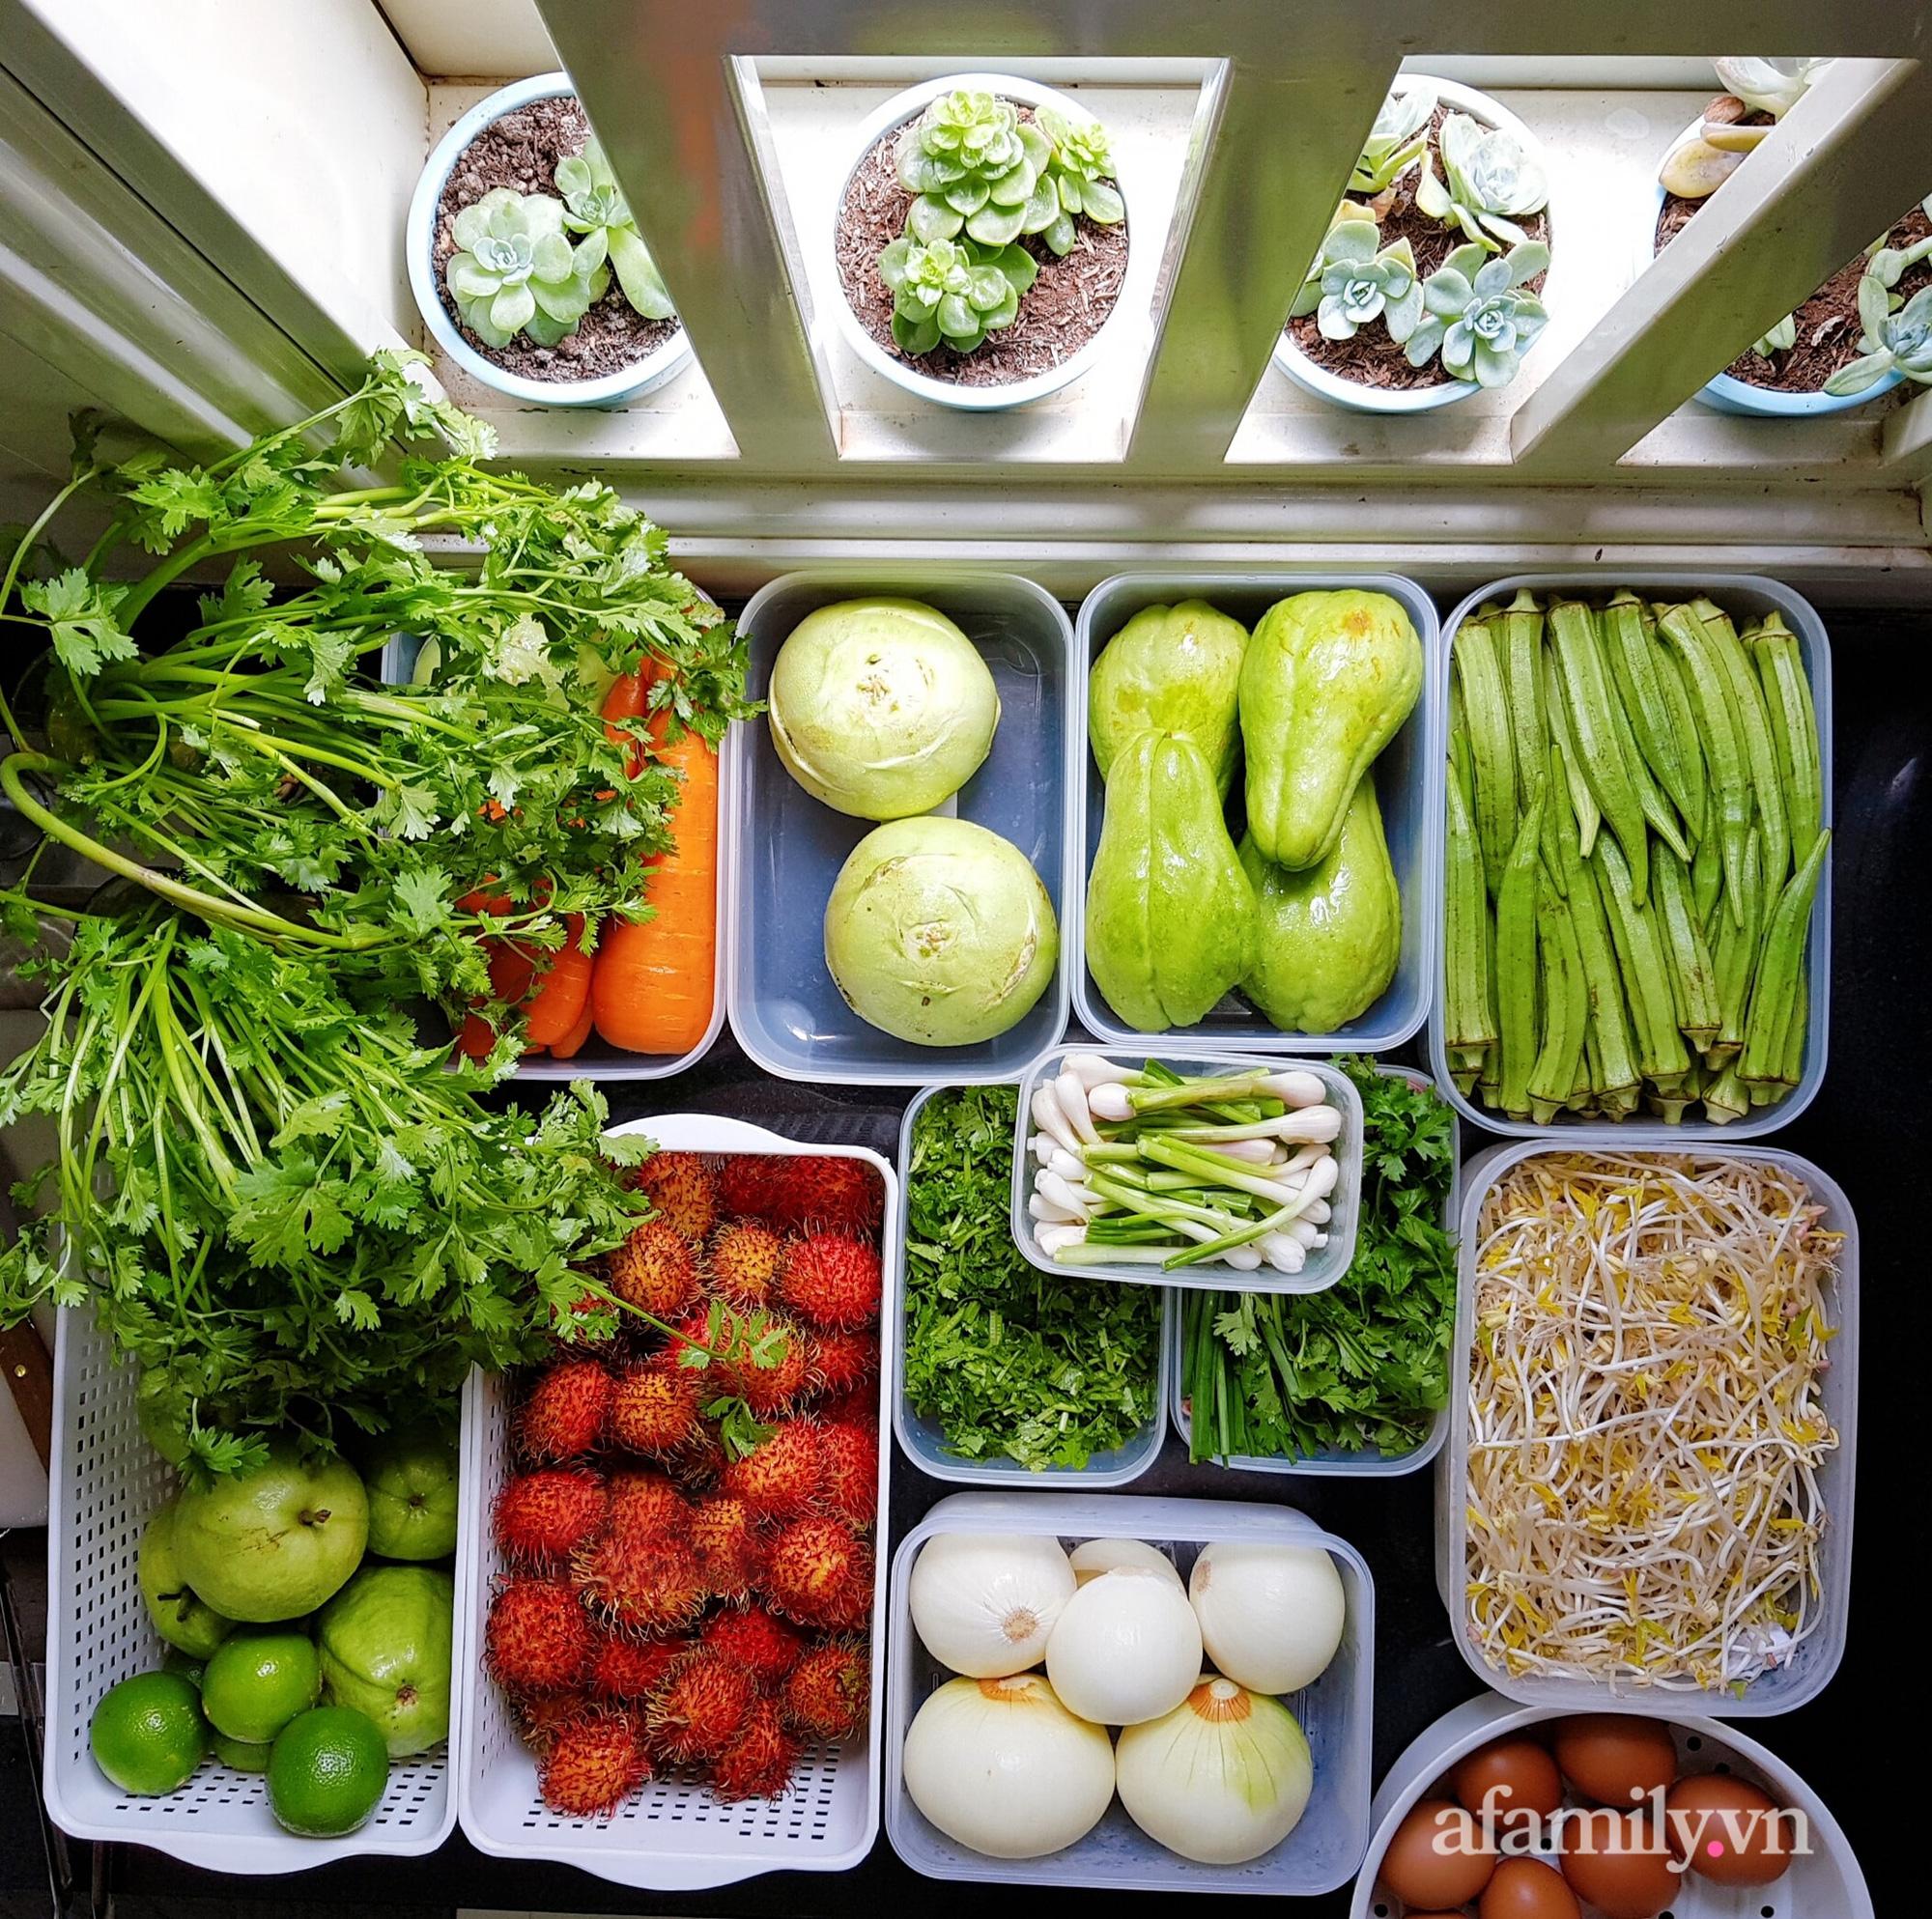 """Đi chợ mùa giãn cách ở Đồng Nai có gì khác qua lời kể của mẹ đảm """"thích trữ thực phẩm dài ngày"""" - Ảnh 2."""